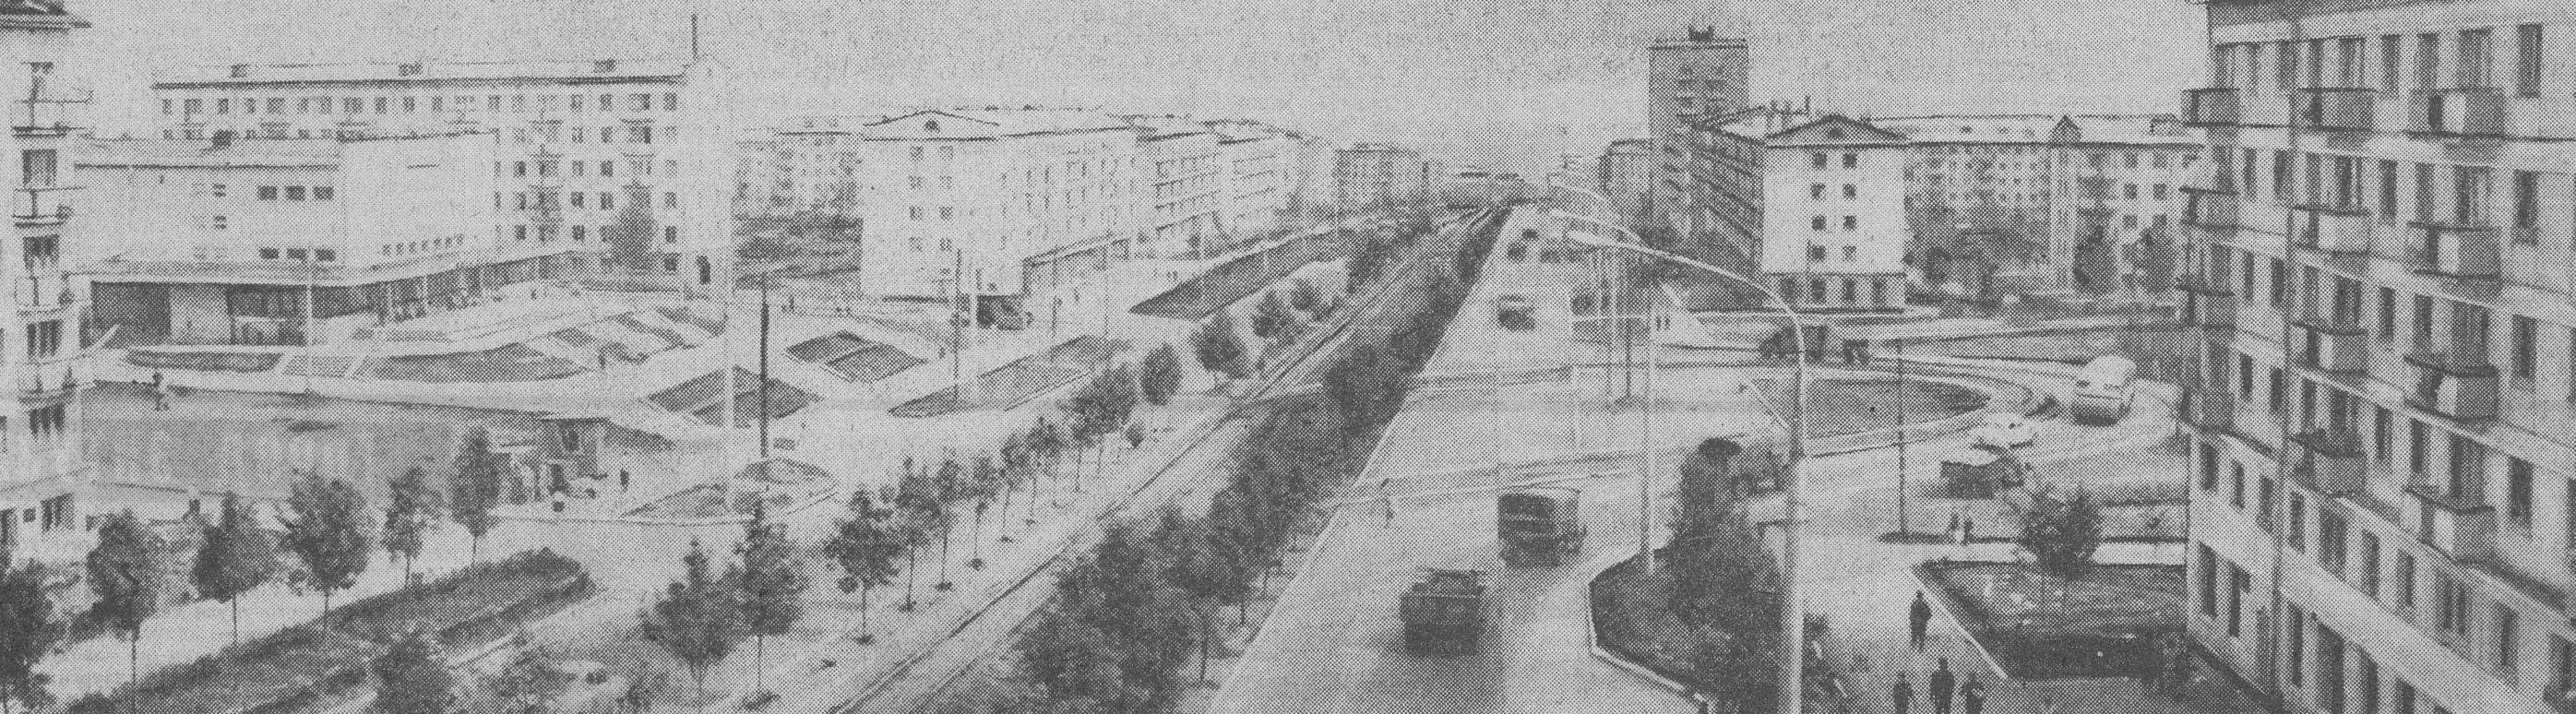 Уссурийская-ФОТО-14-ВКа-1967-10-29-фото у к-ра Весна-min